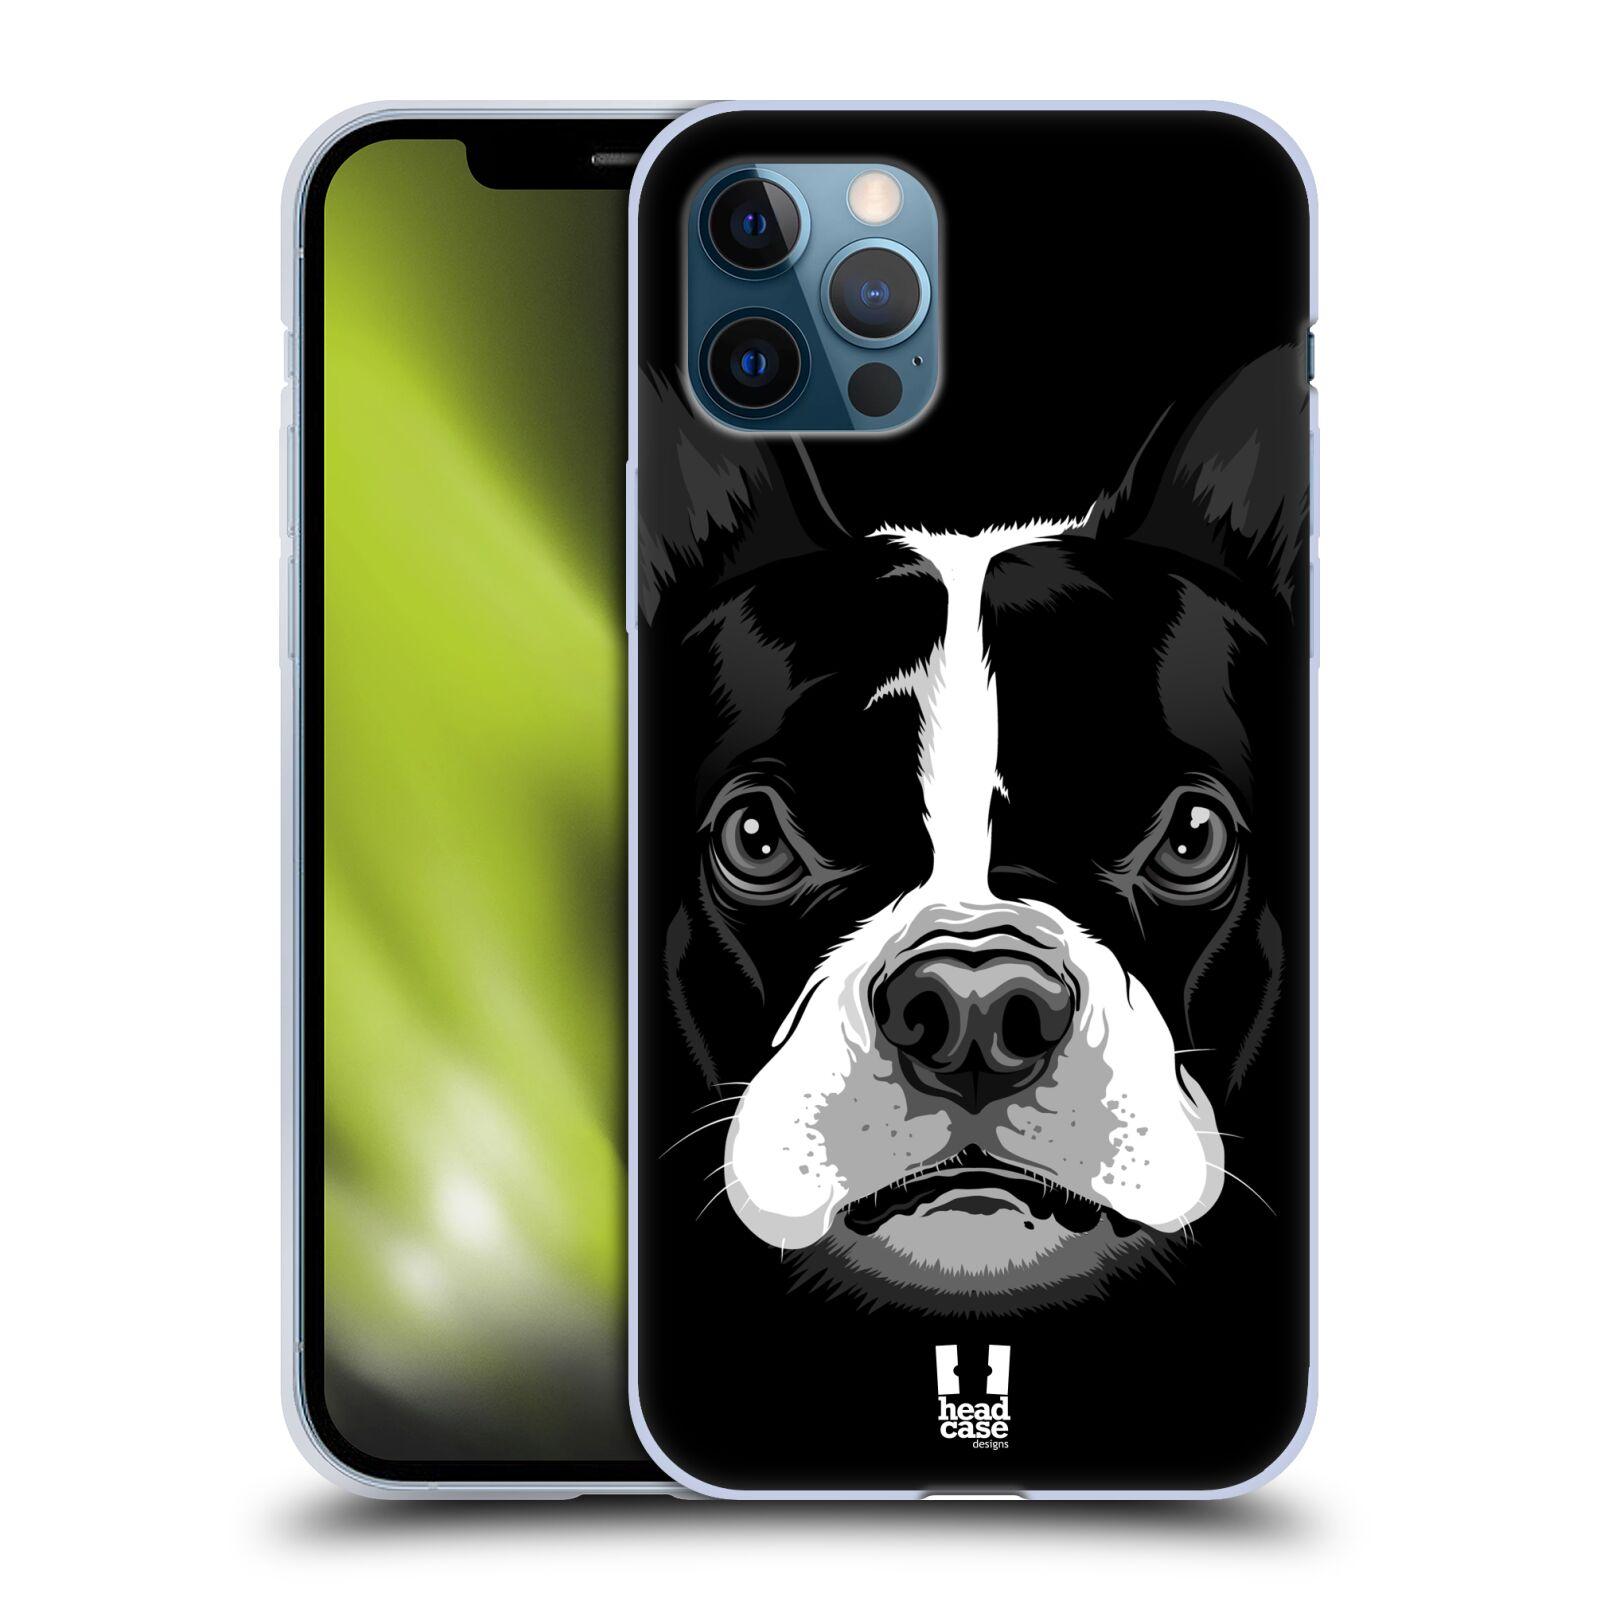 Silikonové pouzdro na mobil Apple iPhone 12 / 12 Pro - Head Case - ILUSTROVANÝ BULDOČEK